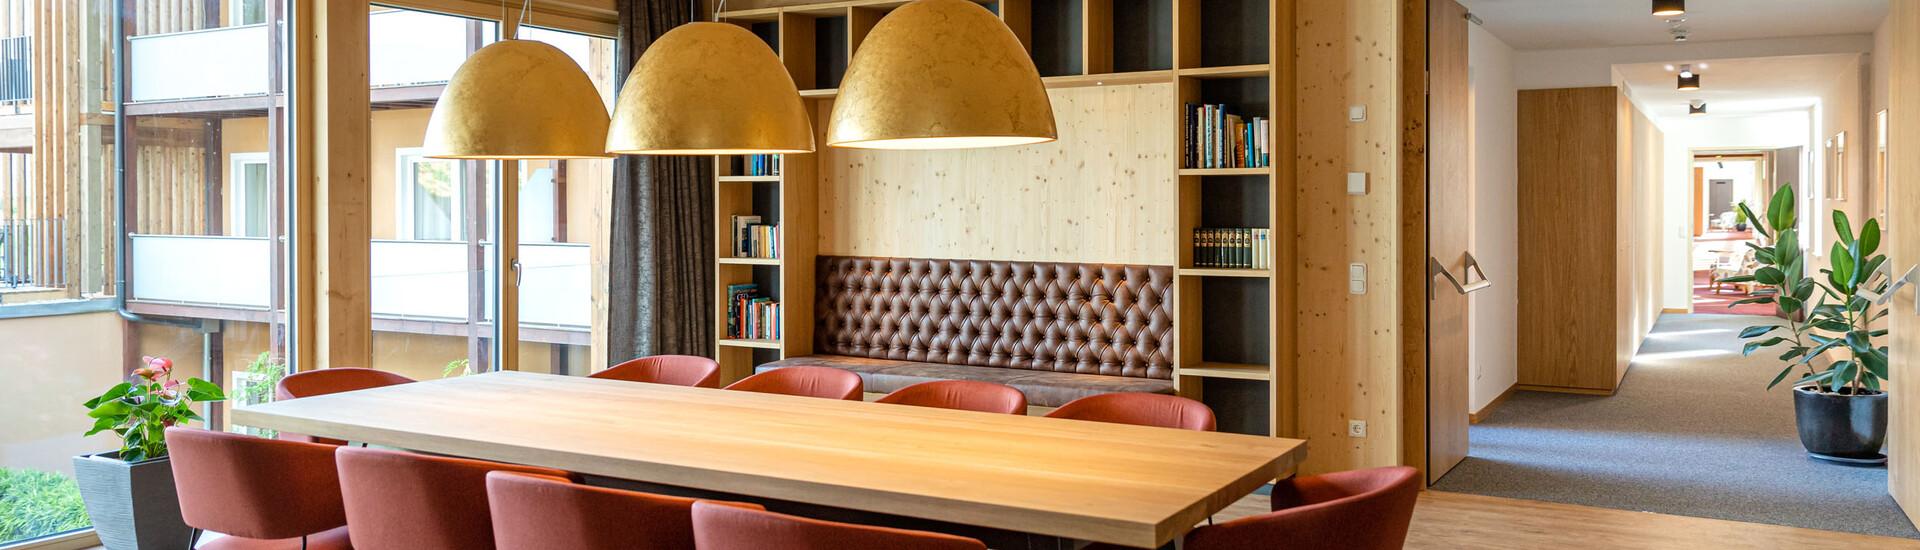 Die Bibliothek im Hotel für Incentives und Firmenevents in Kärnten